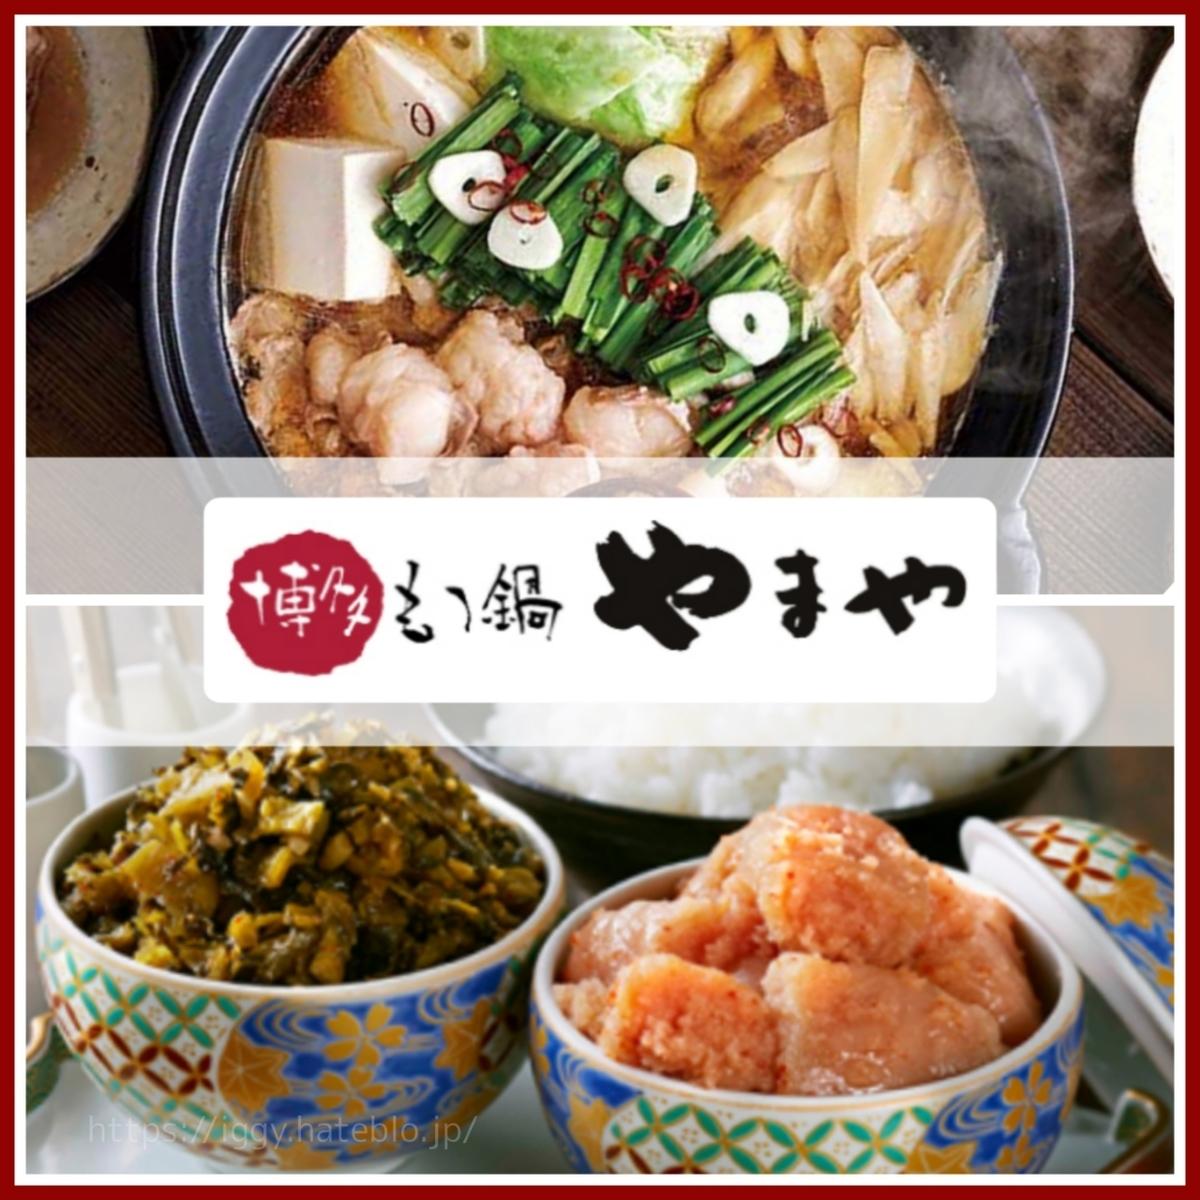 博多もつ鍋やまや おすすめランチ  明太子・高菜・ご飯食べ放題 博多駅グルメ